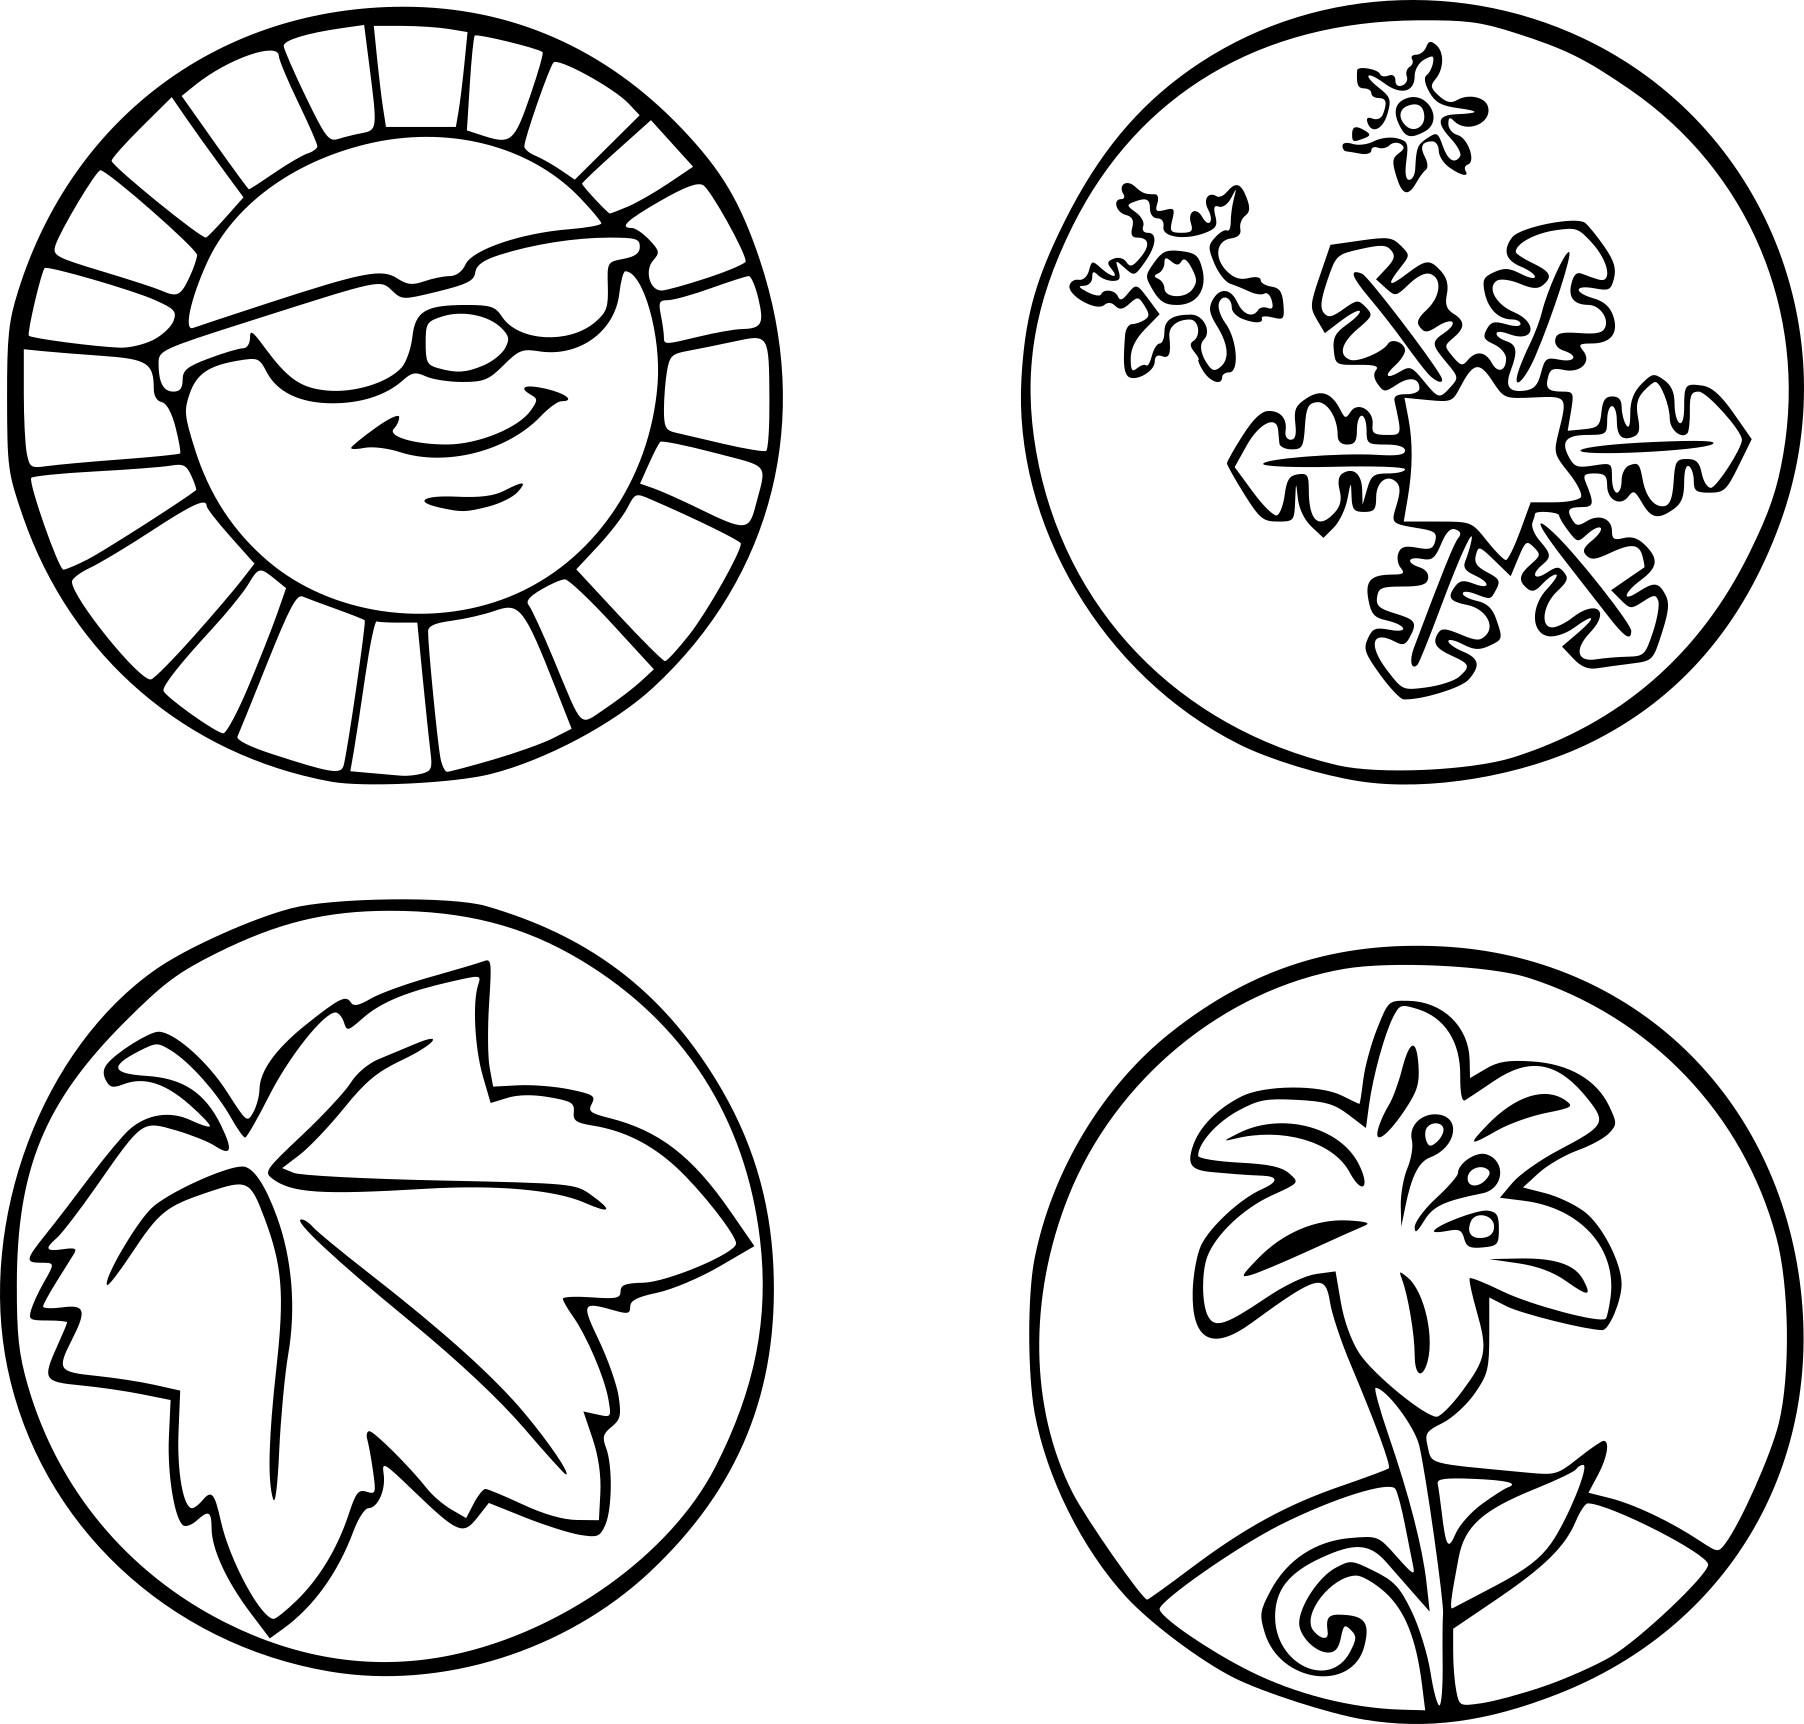 Dessin 4 saisons coloriage - Coloriage saisons a imprimer ...